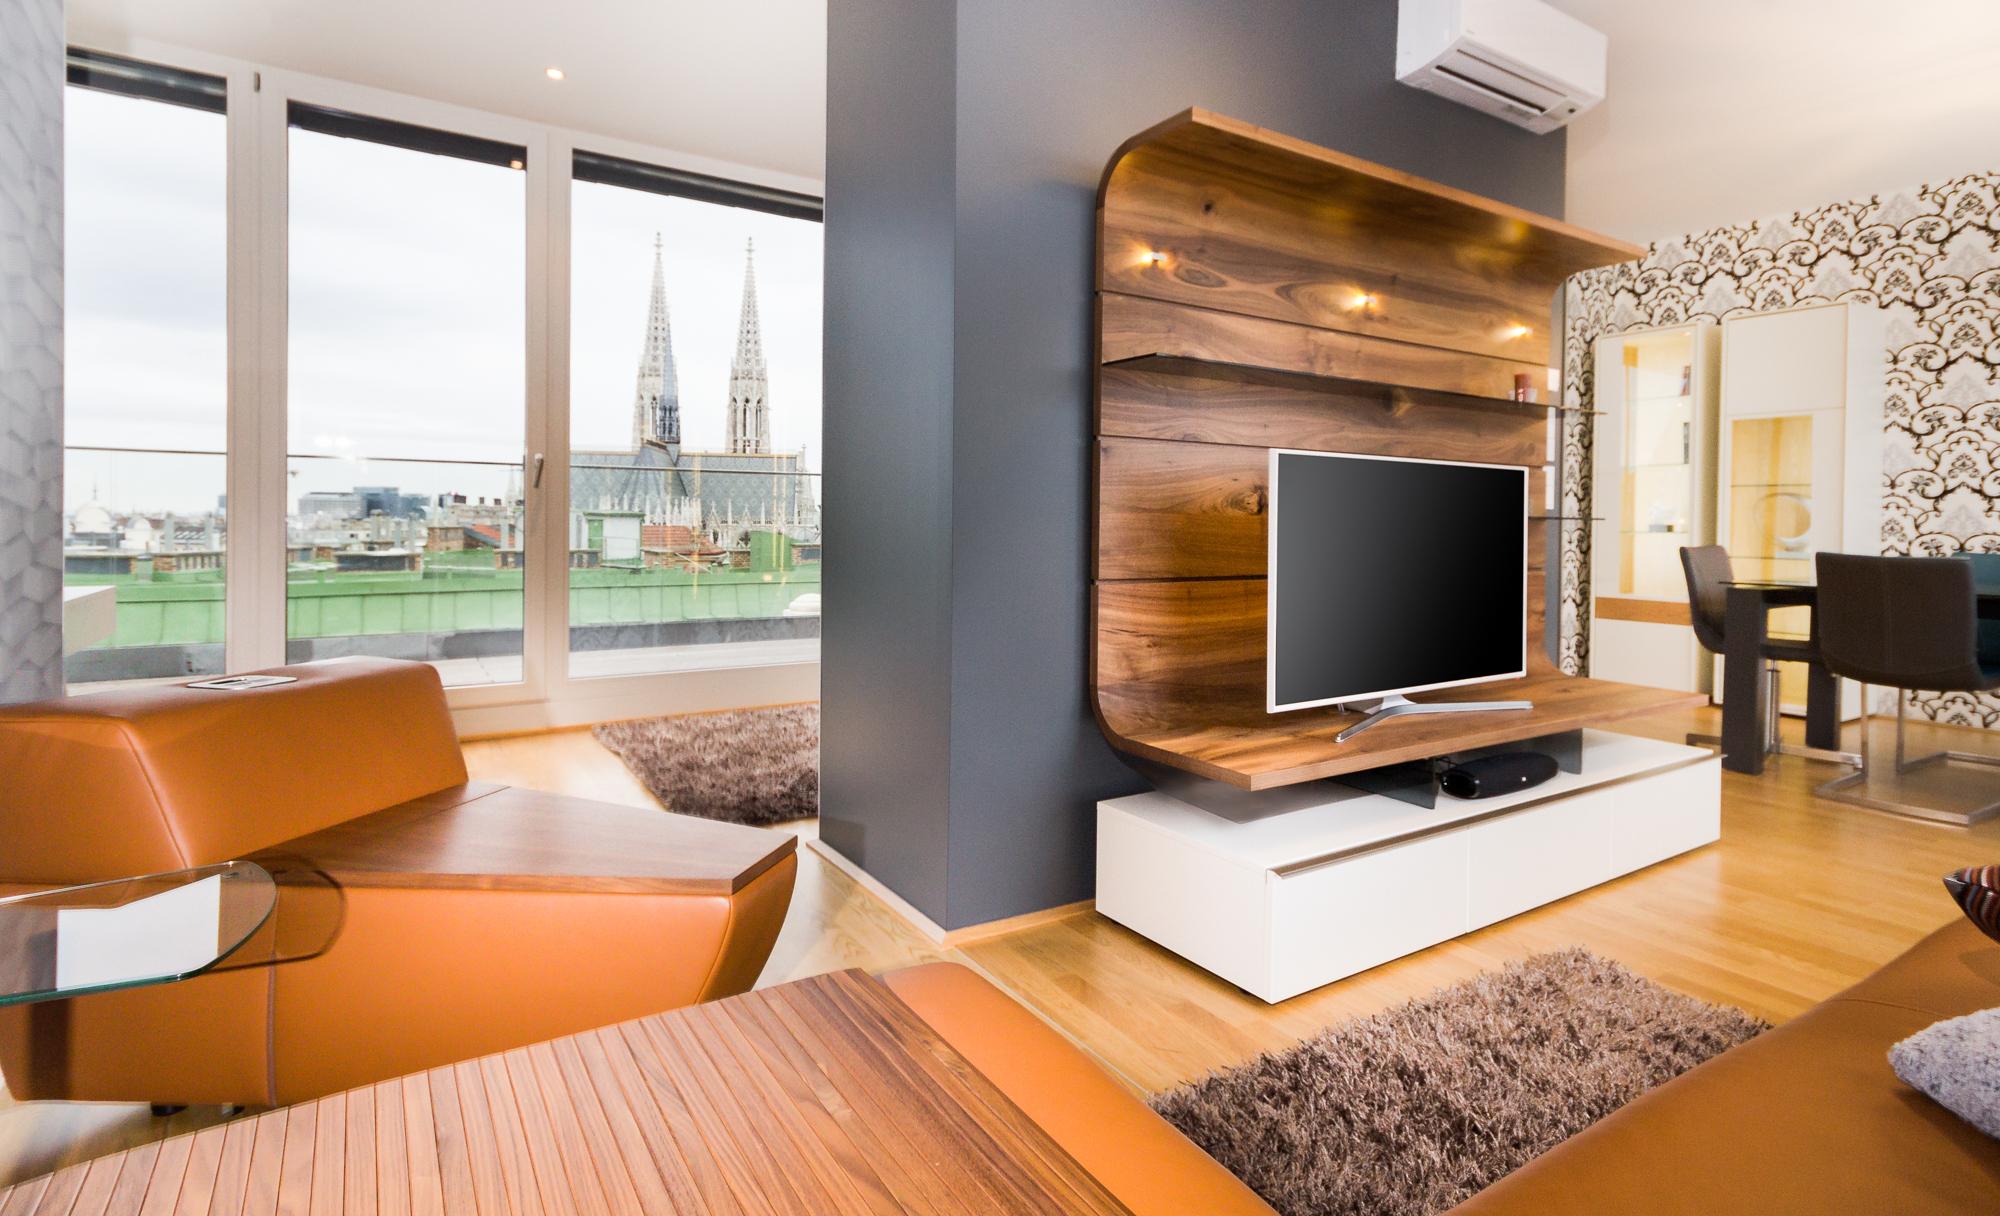 Wohnzimmer_Votivplatz3.jpg